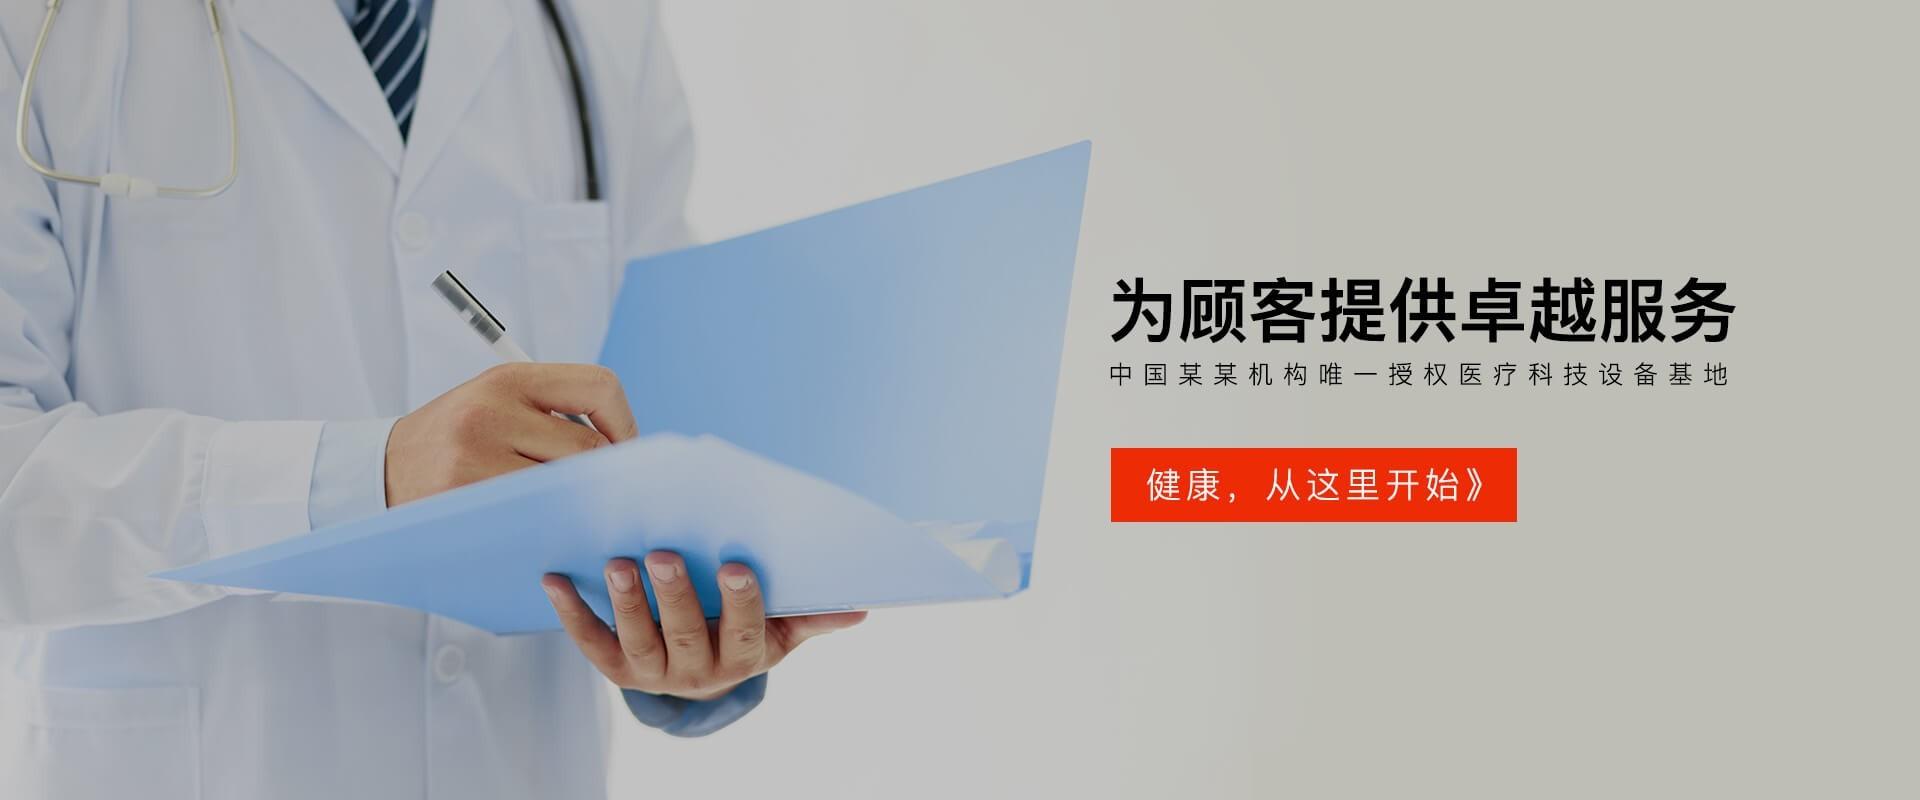 科技产品企业网站